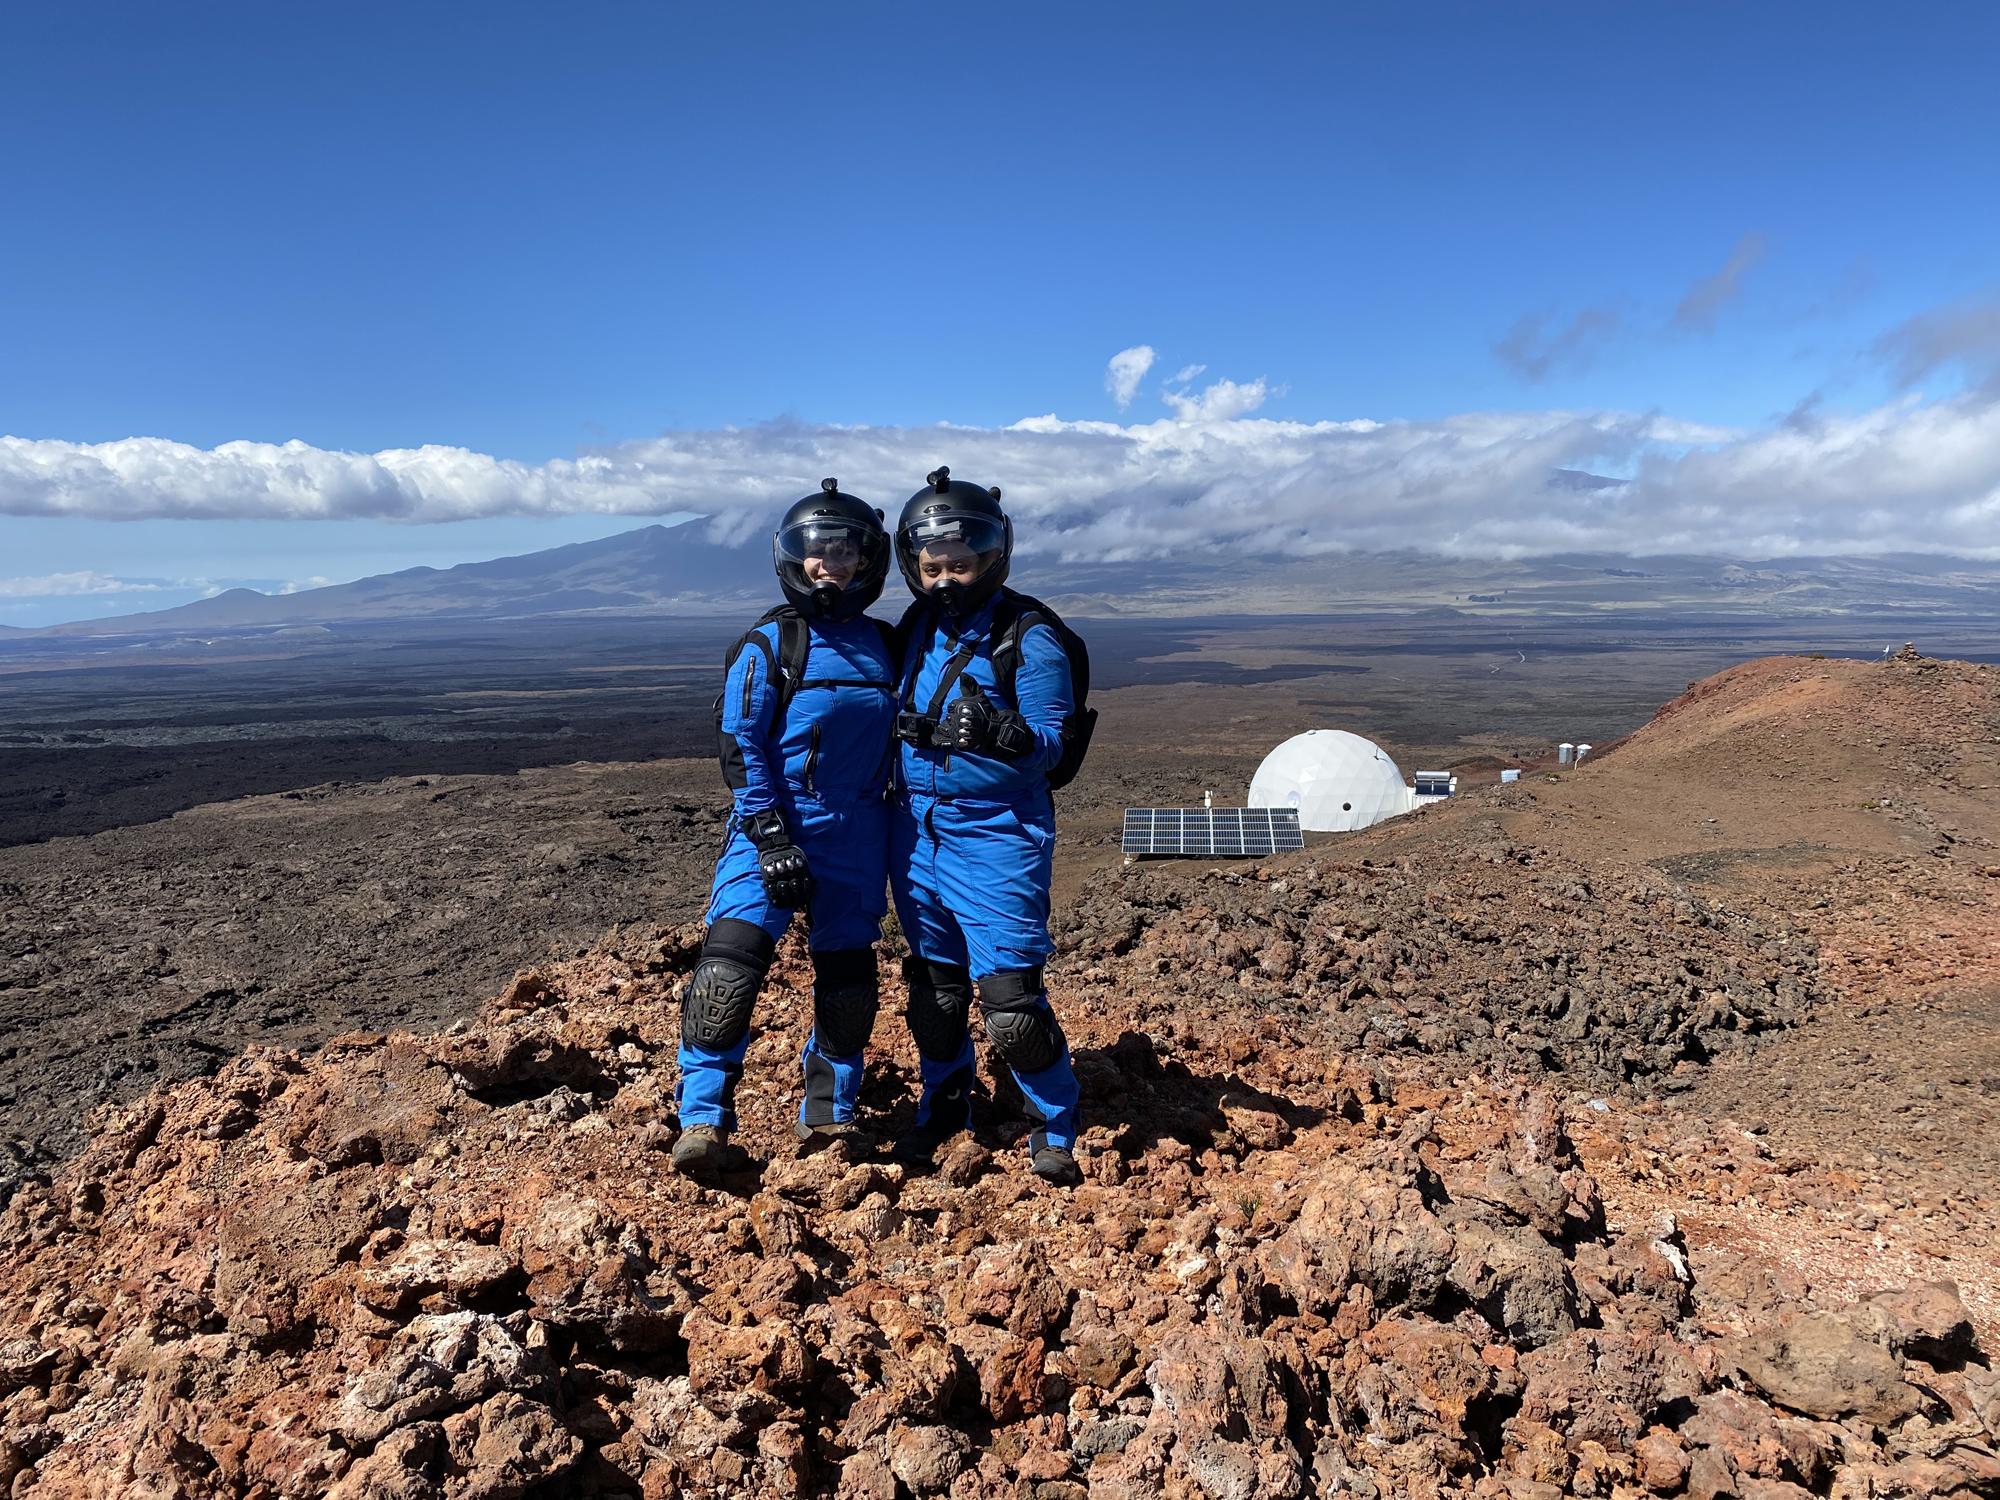 Le commandant Michaela Musilova et l'officier des opérations Eboni Brown sont photographiés lors d'un moonwalk au-dessus de HI-SEAS.